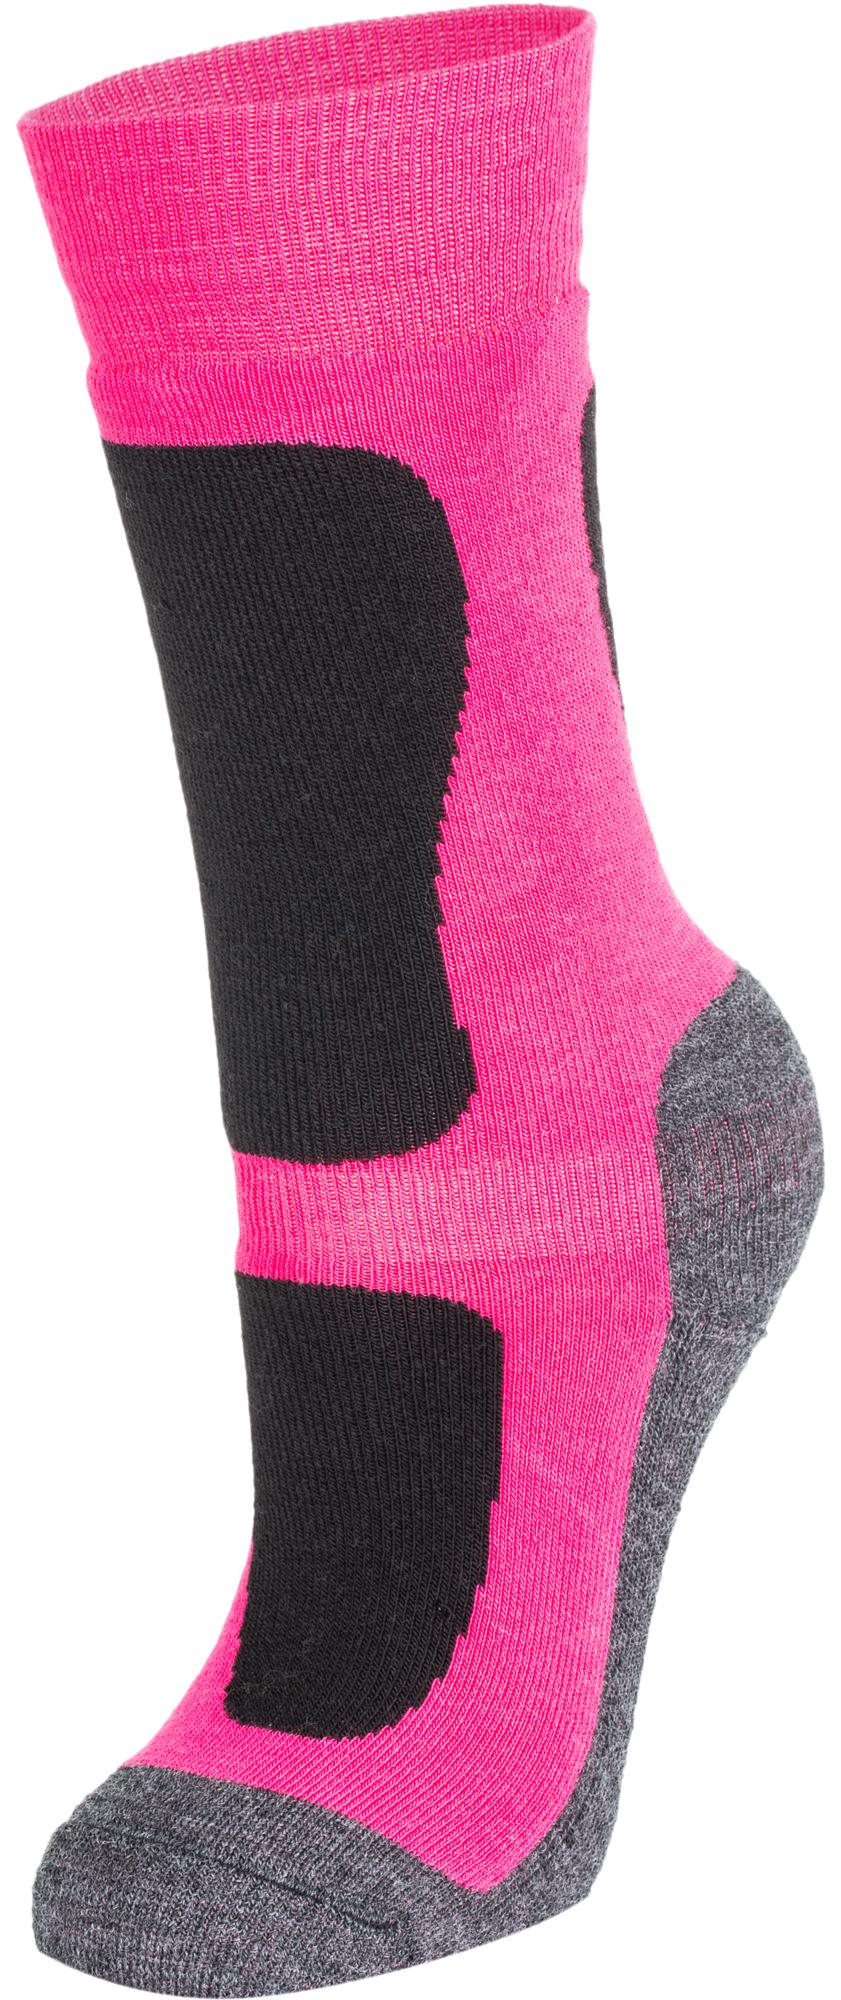 Носки для девочек Glissade со скидкой